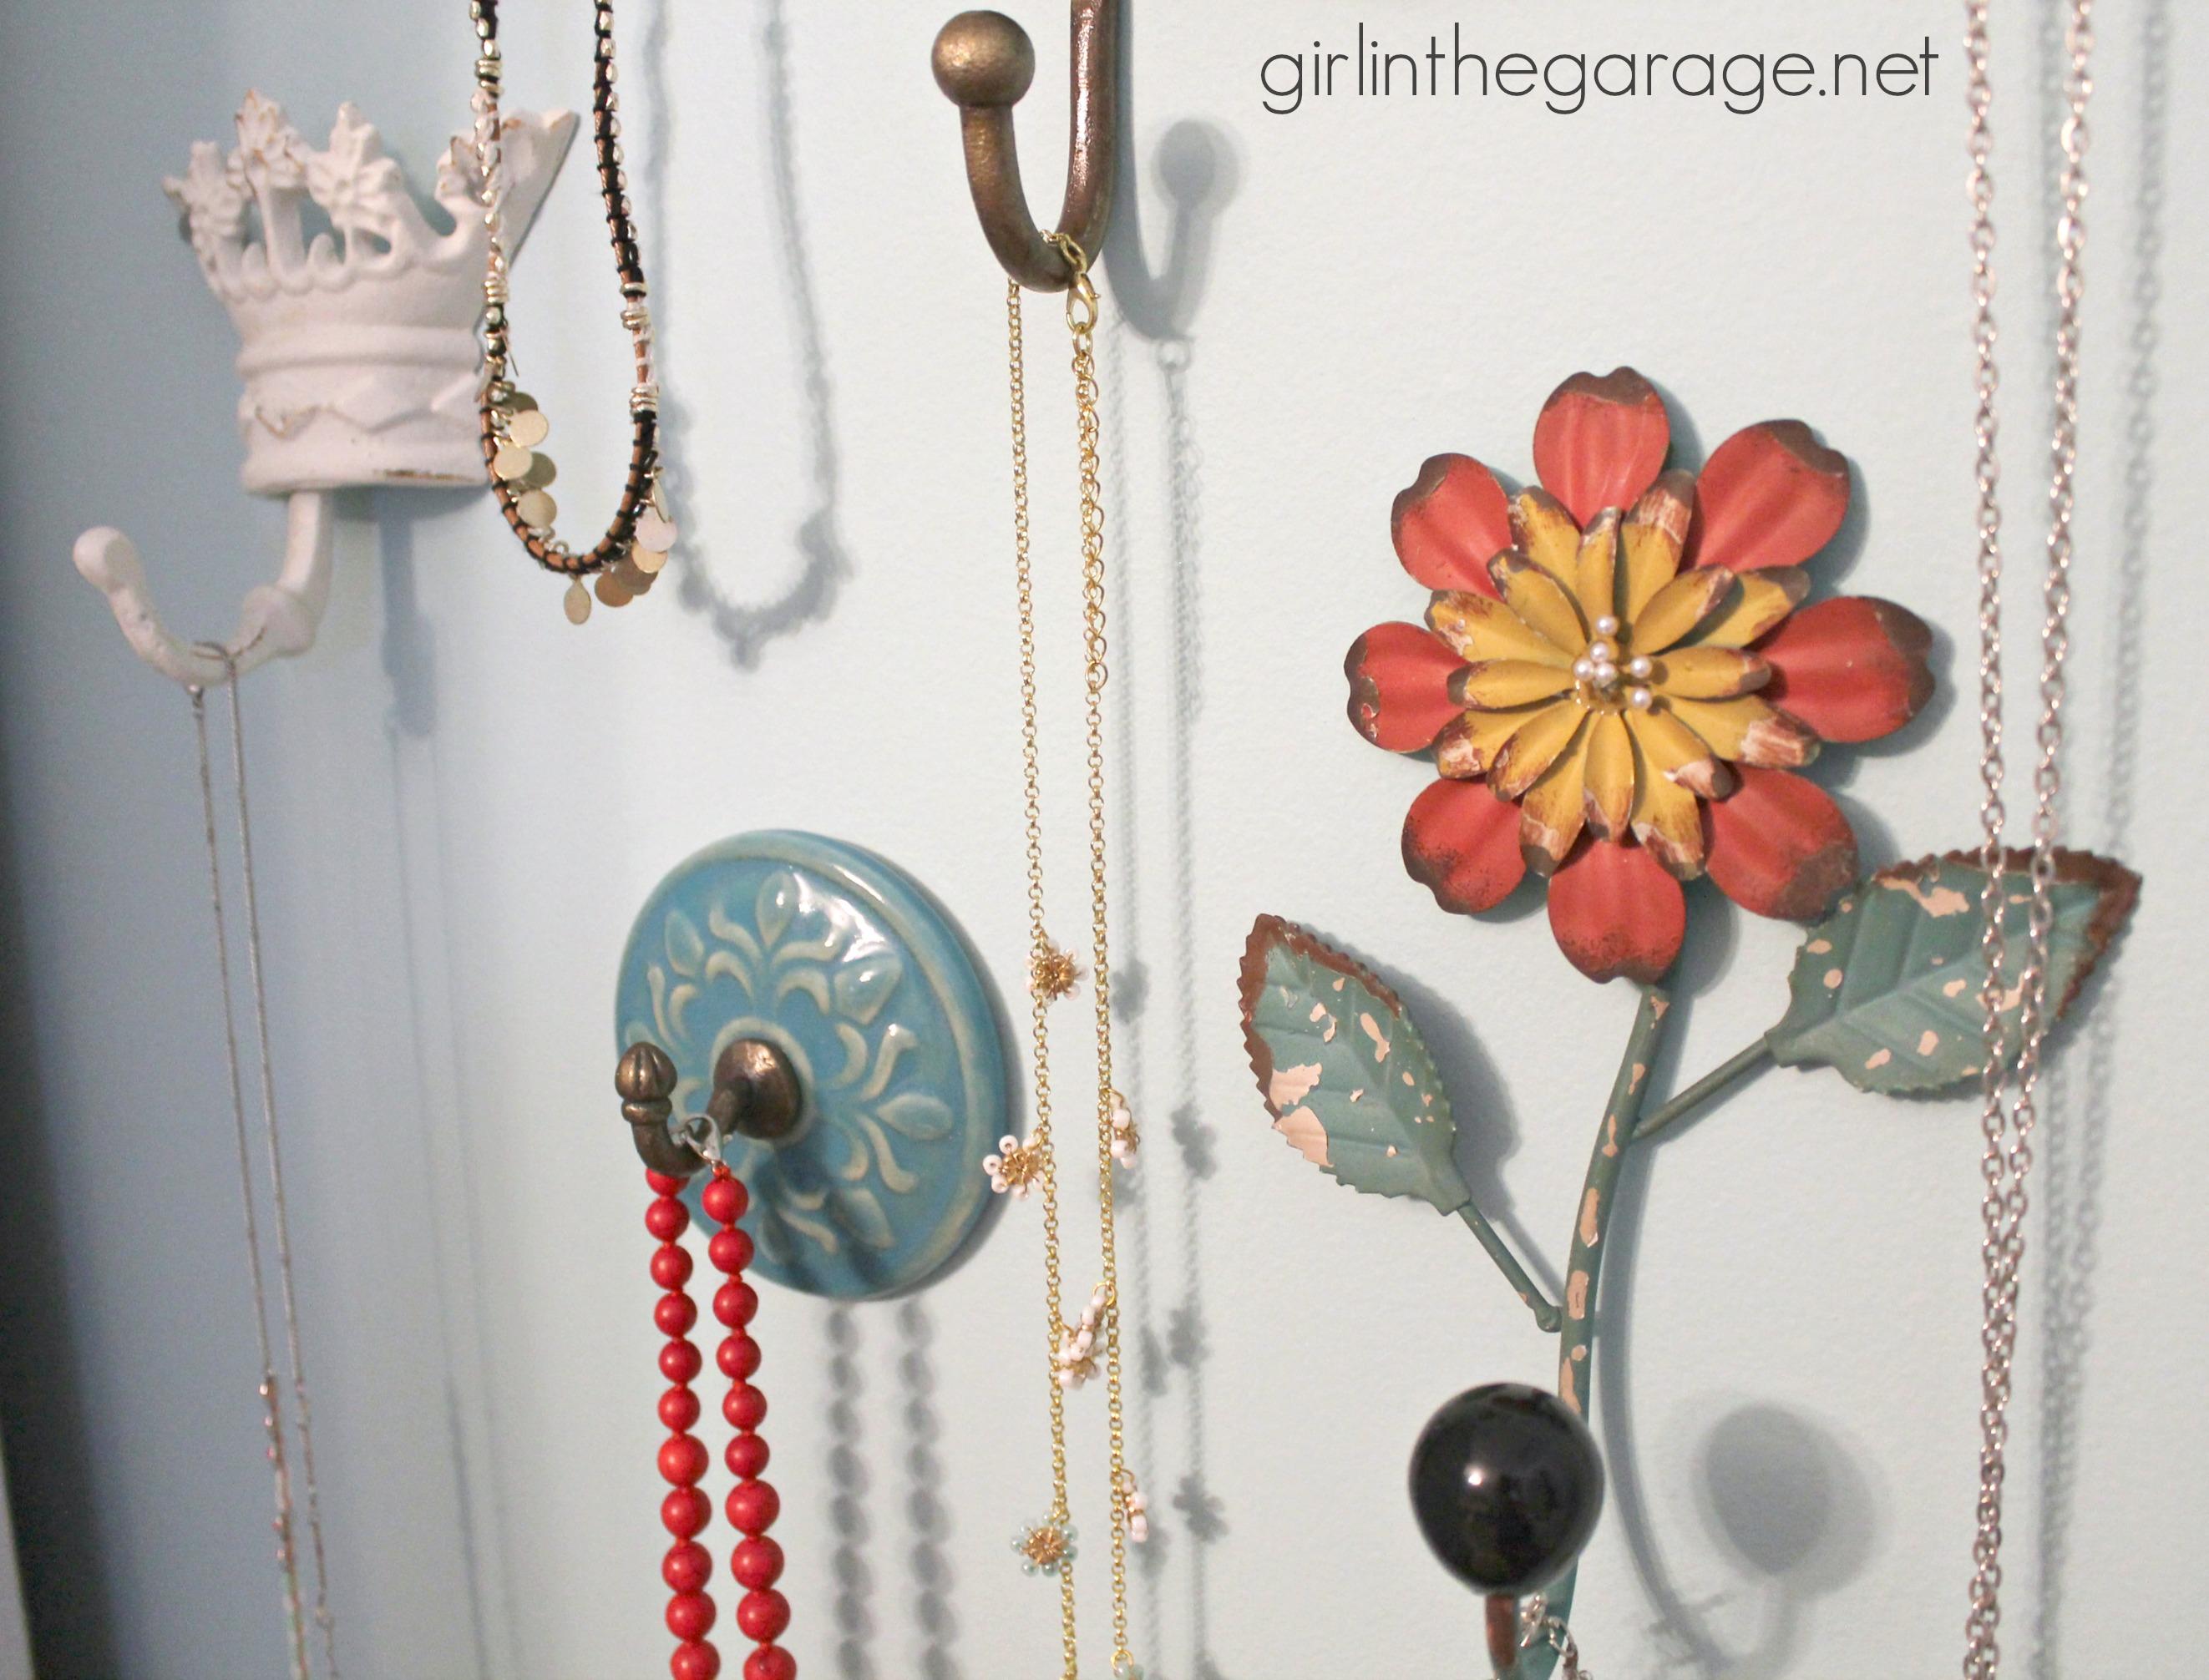 decor rtelig us products ikea en hanger hj hangers catalog picture decorative